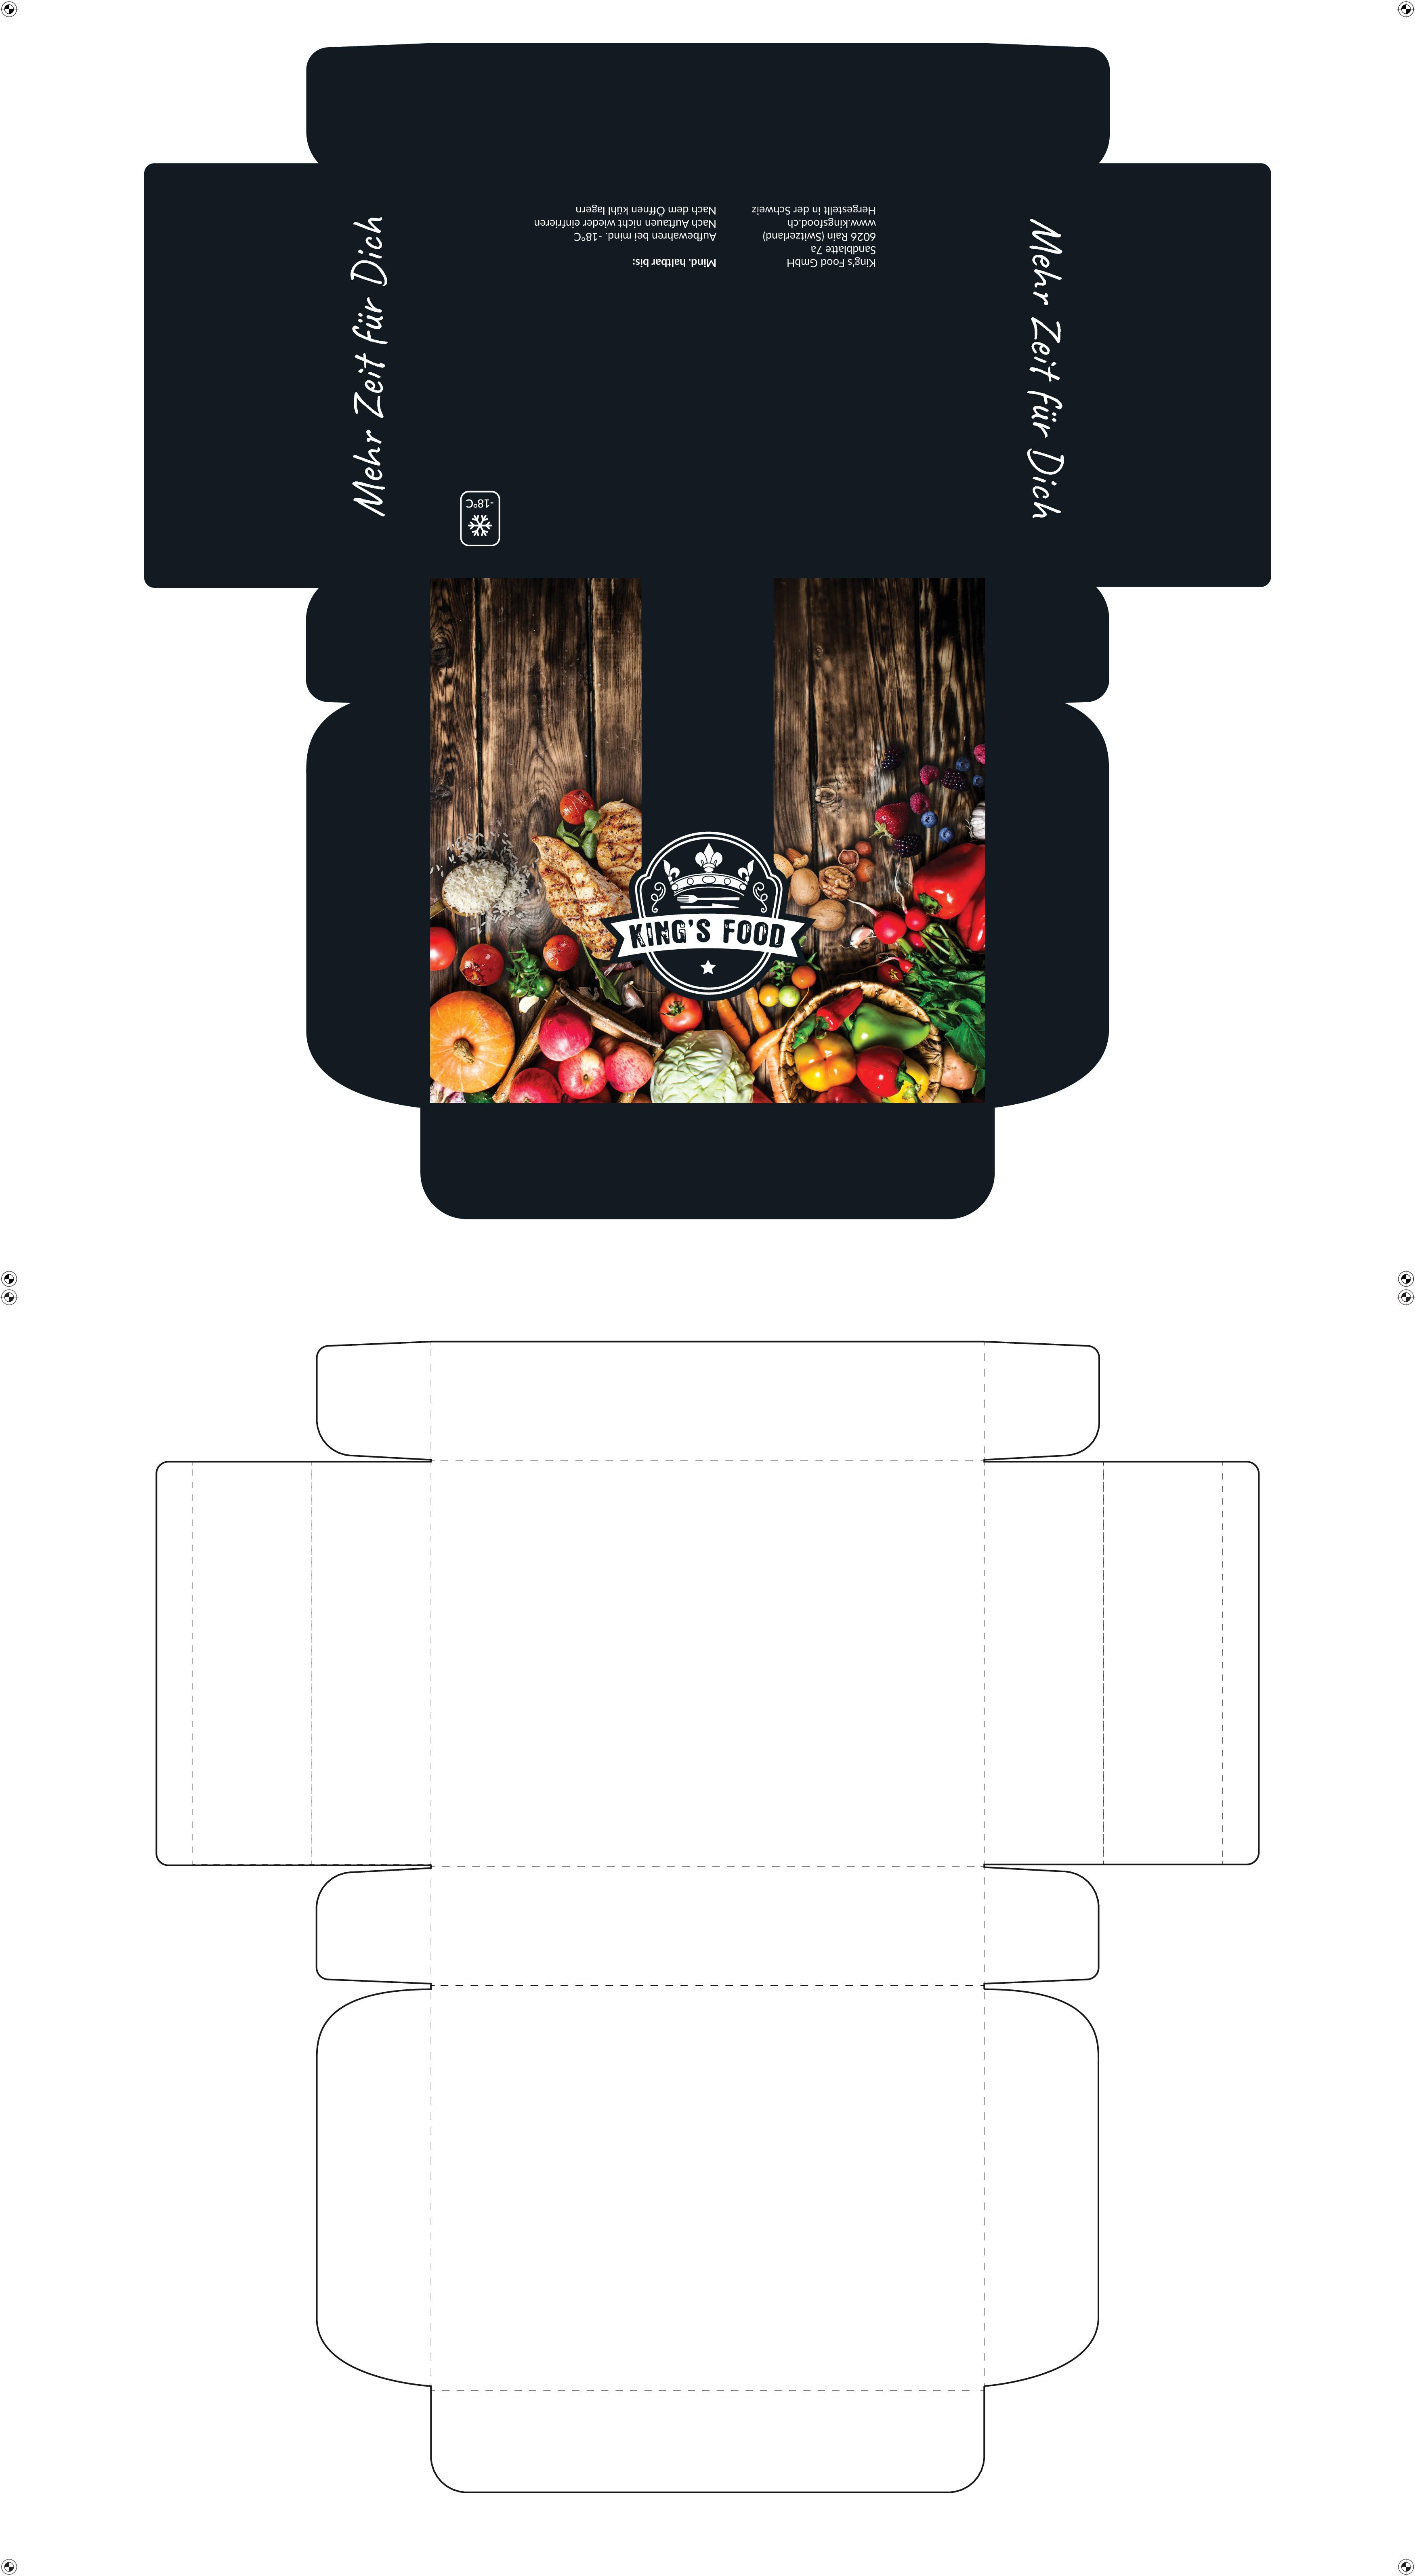 King's Food braucht ein cooles Verpackungsdesign